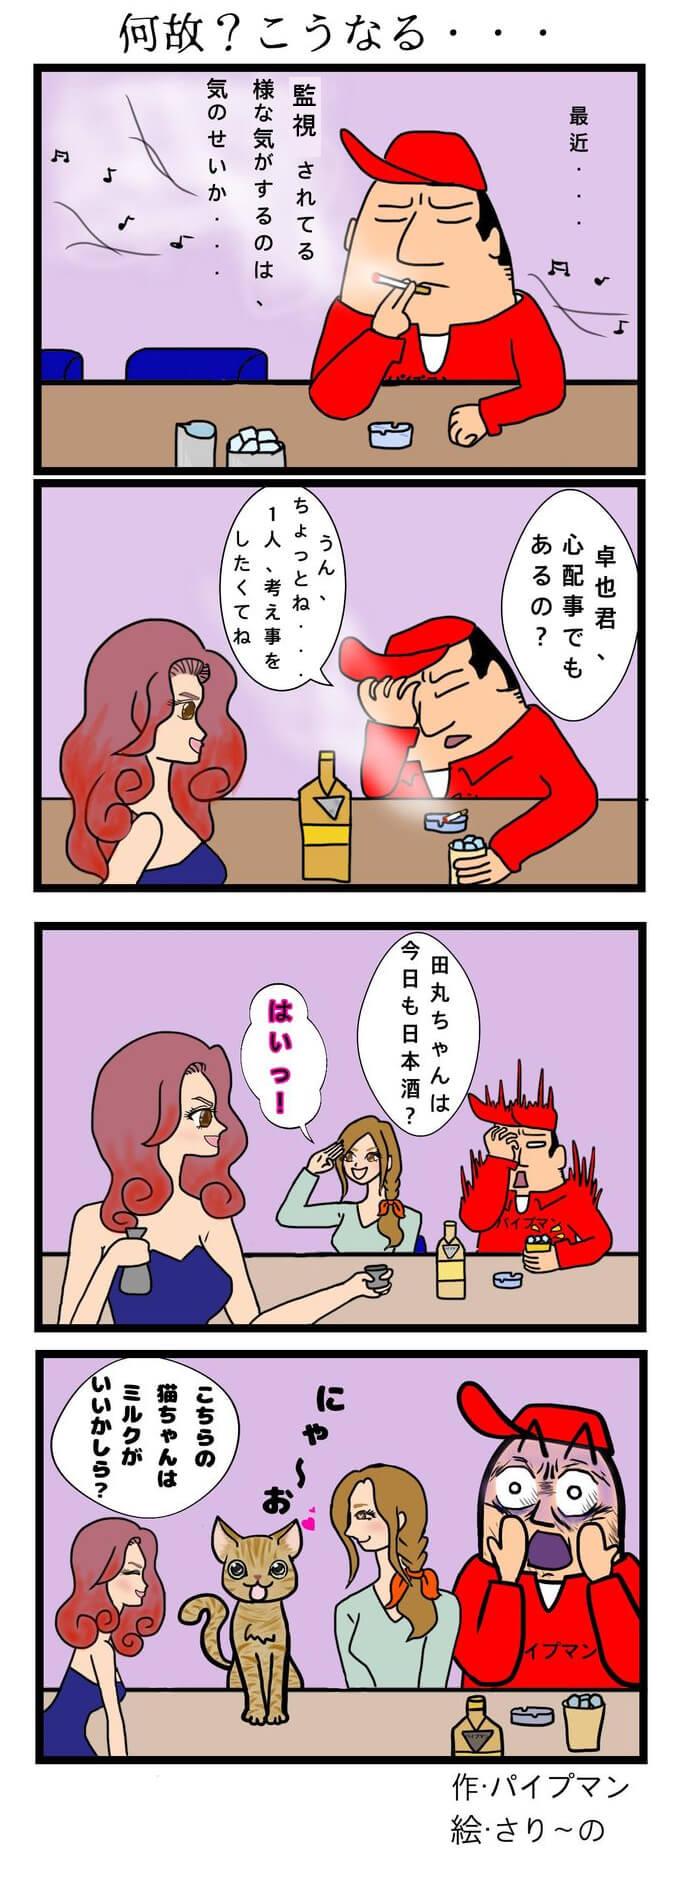 パイプマン4コマ漫画 第22話